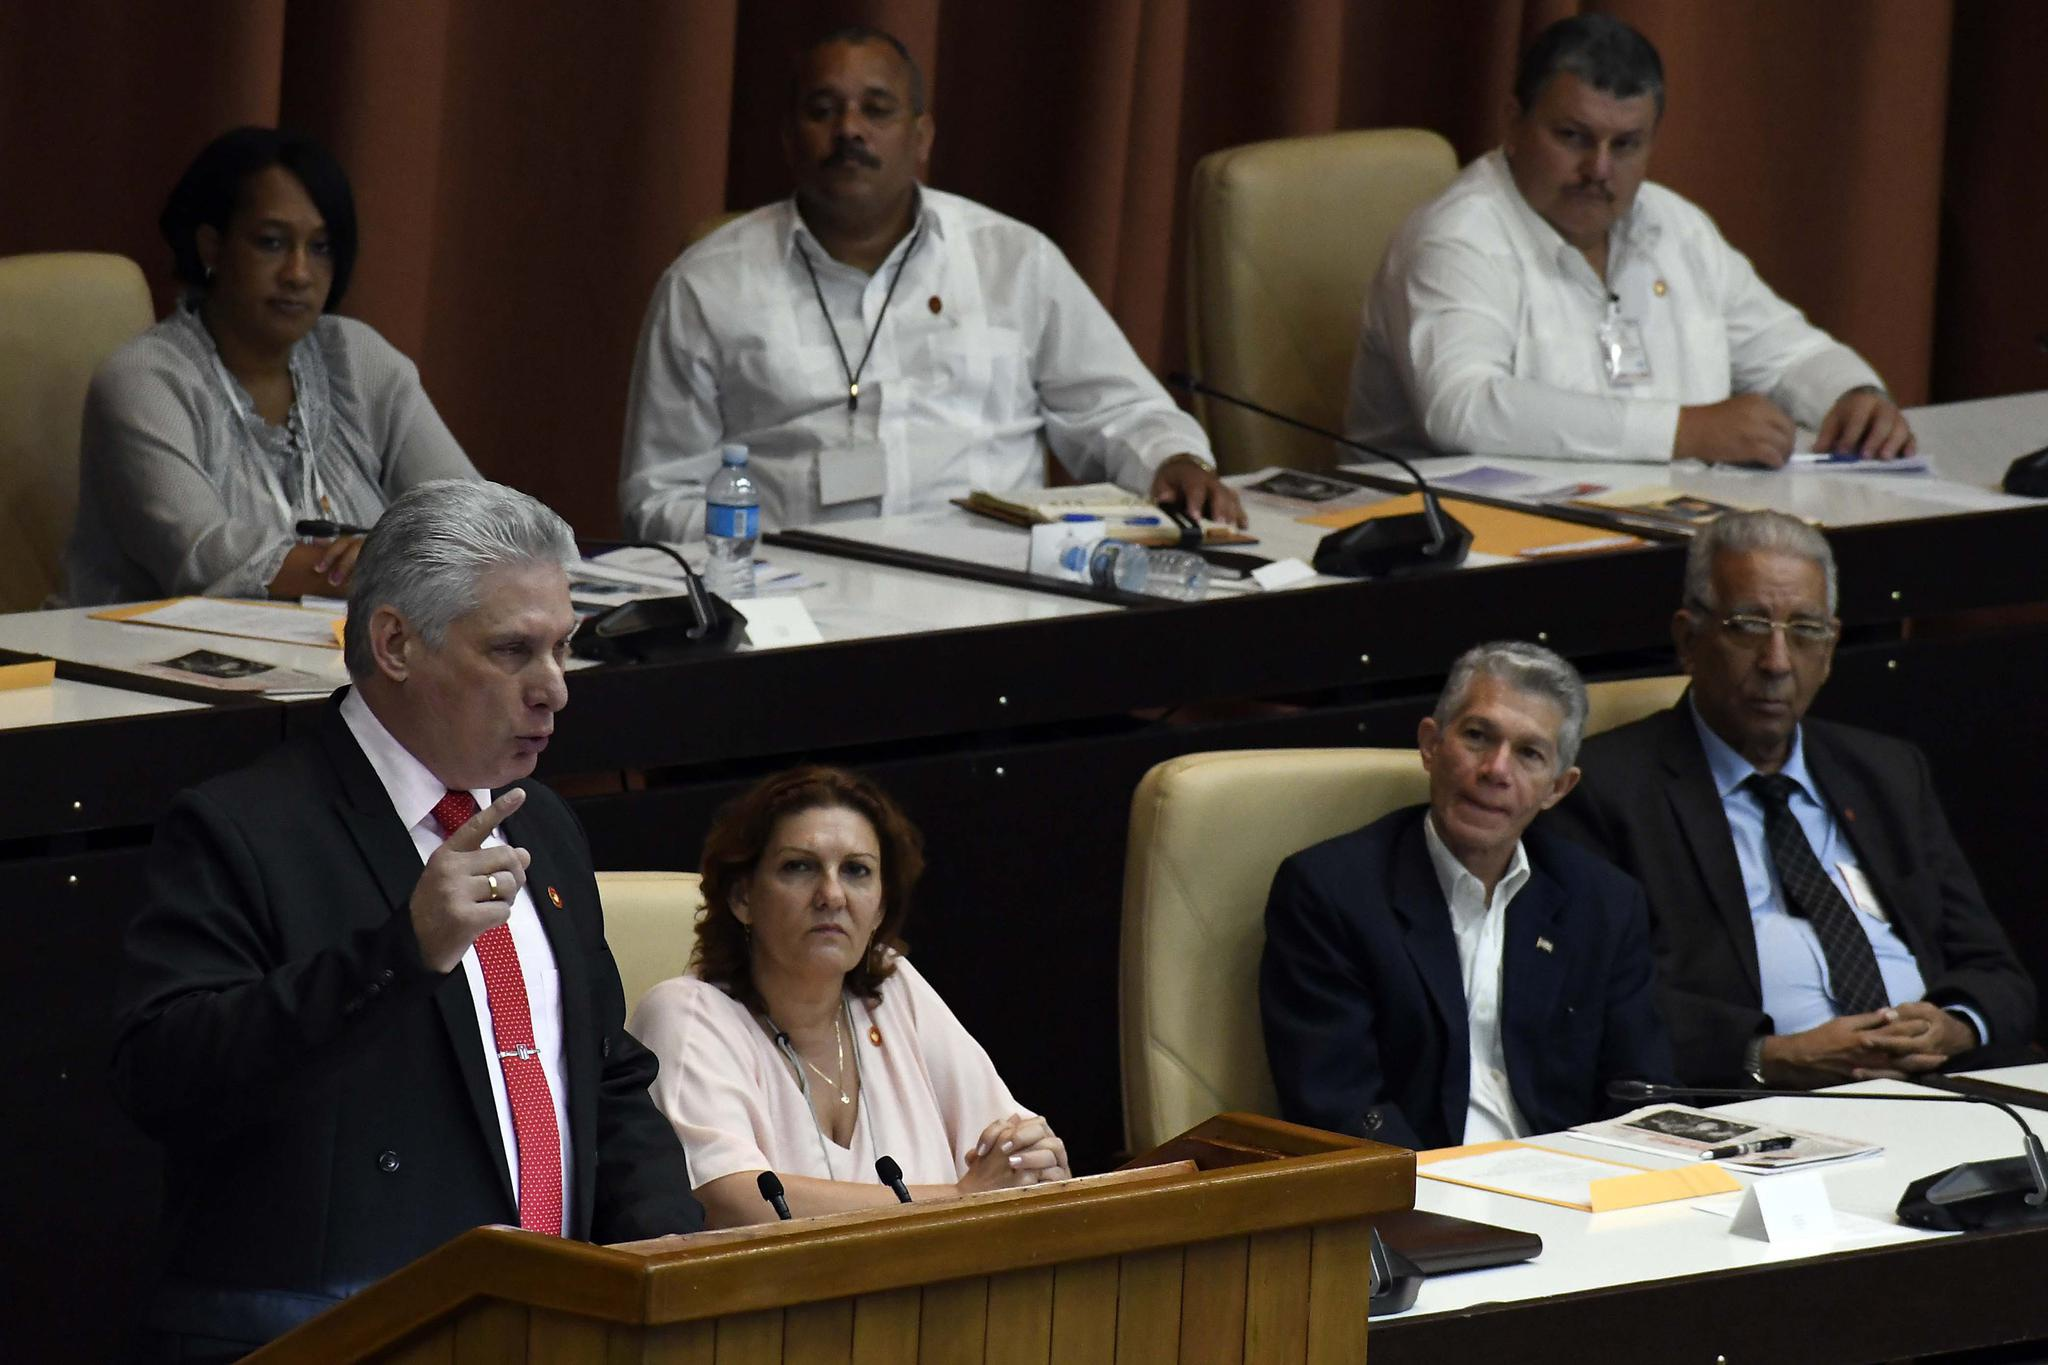 古巴国家主席:古巴愿意继续为加强多边主义作出贡献